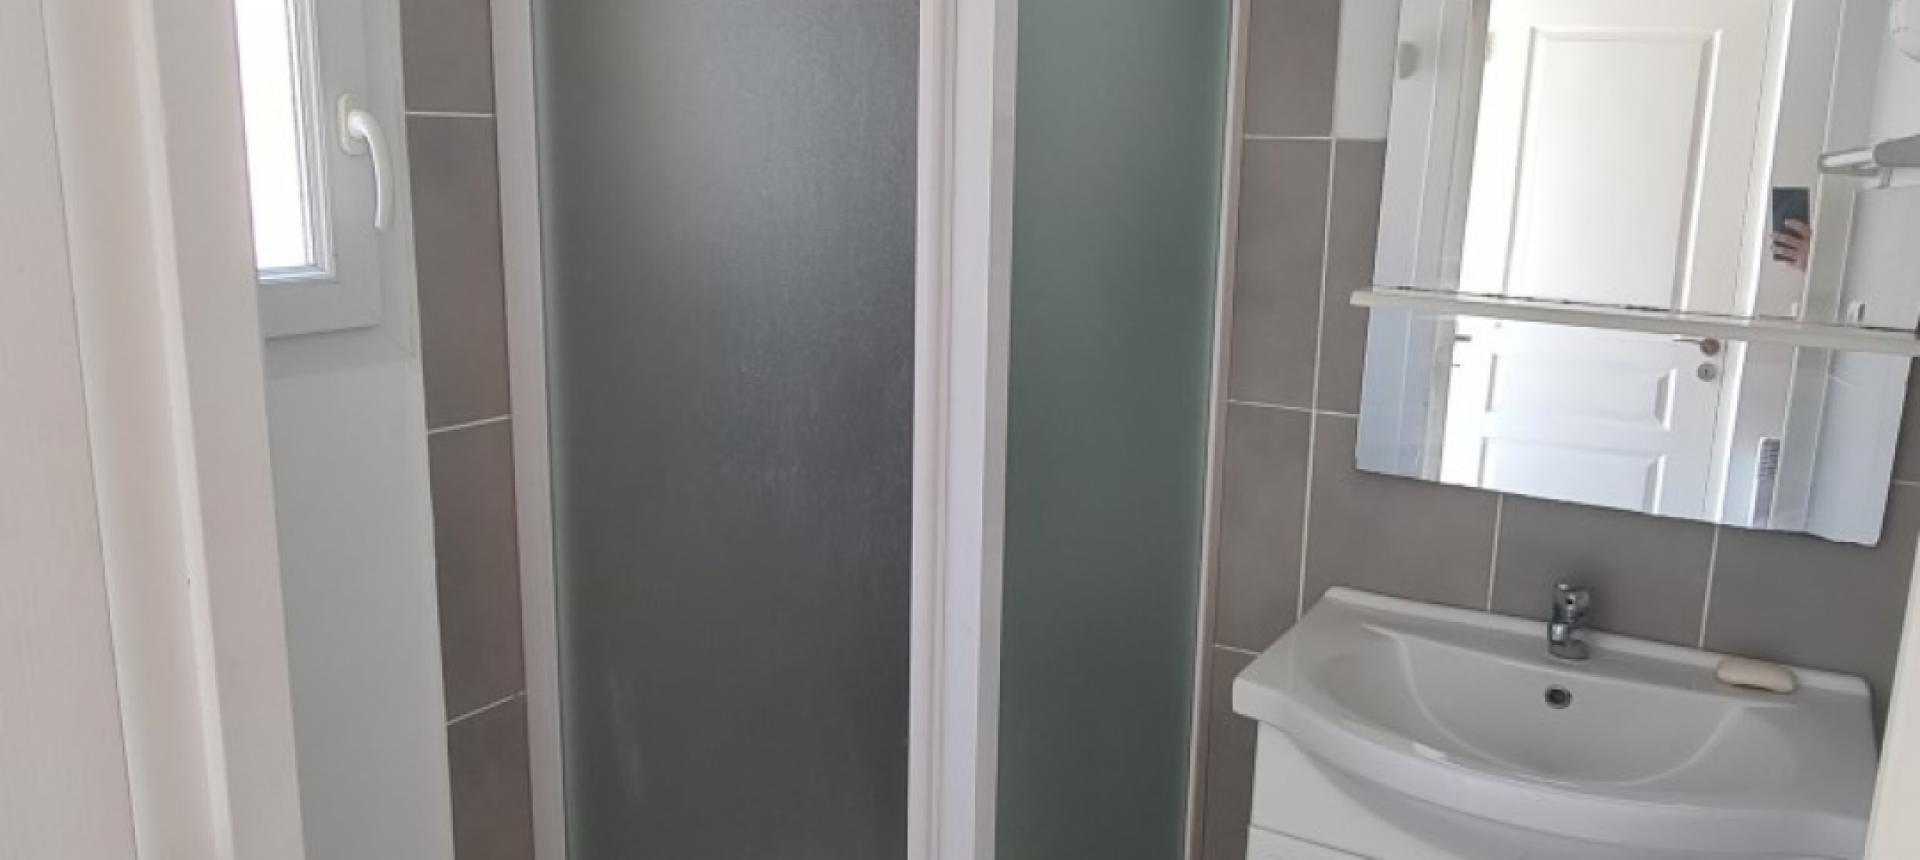 A louer F1 centre ville salle de douche